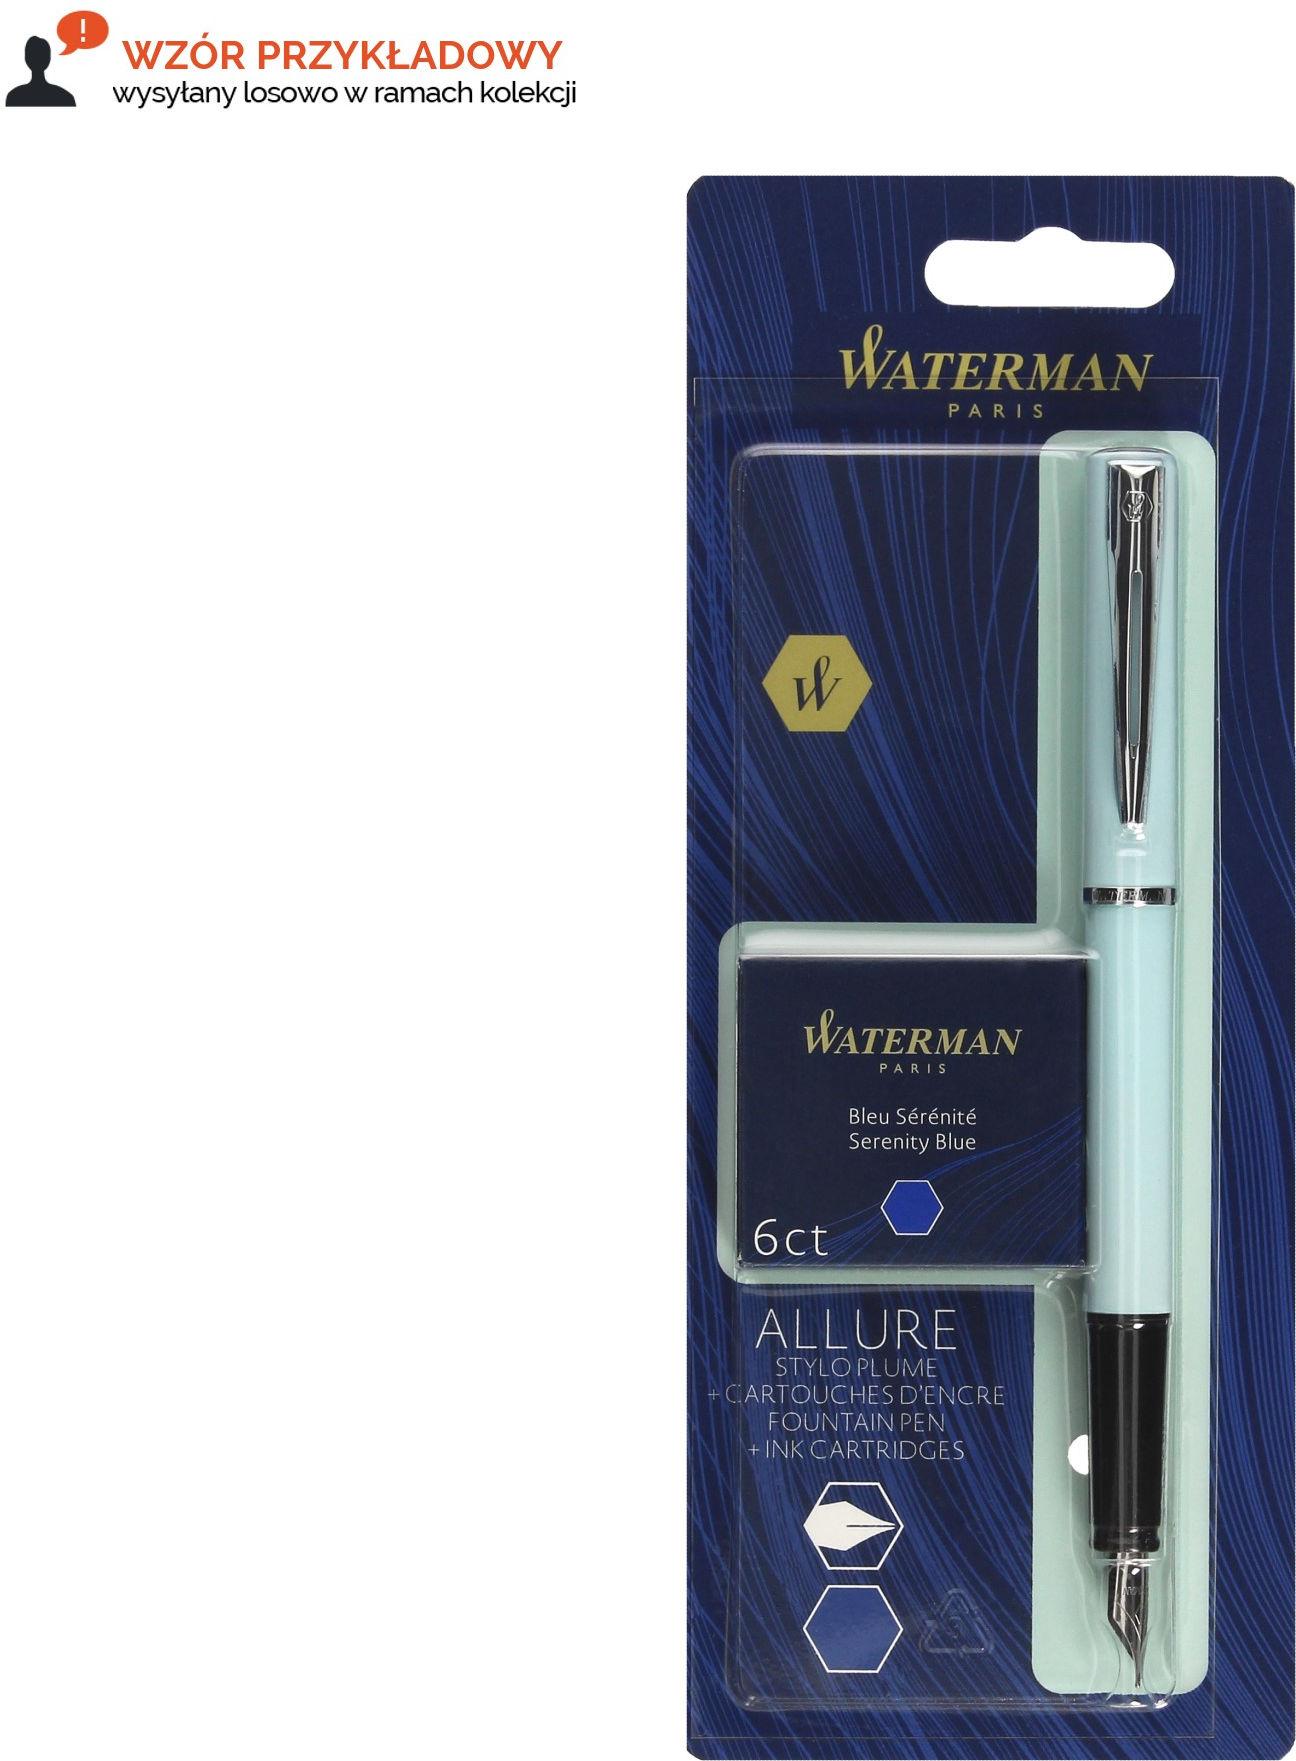 Pióro wieczne Waterman Allure pastel + naboje 2135215